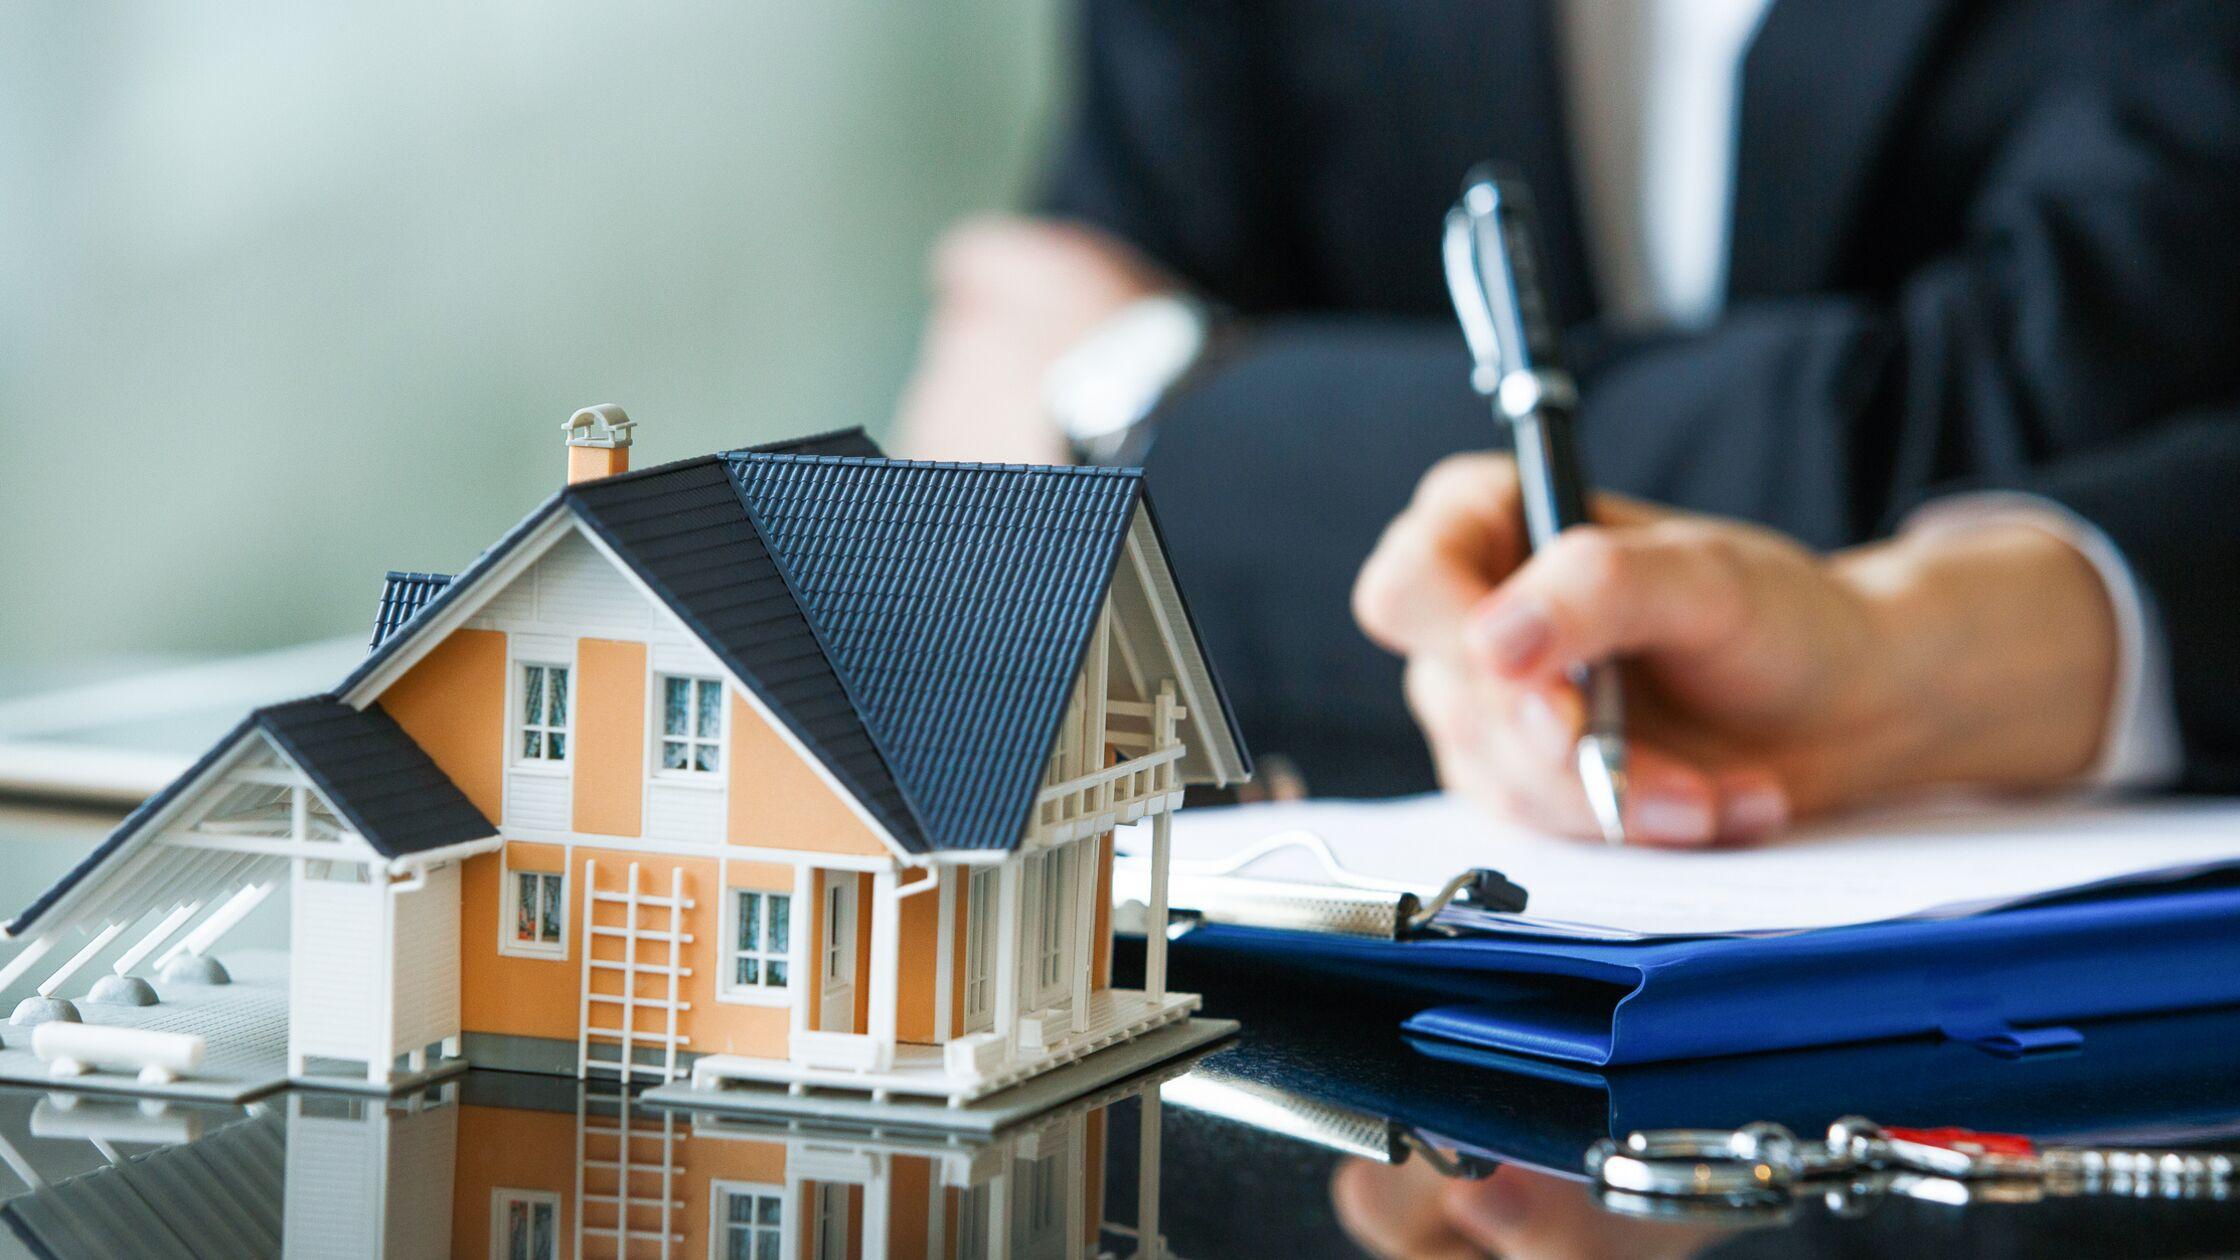 Mann zahlt bei Hauskauf Maklerprovision